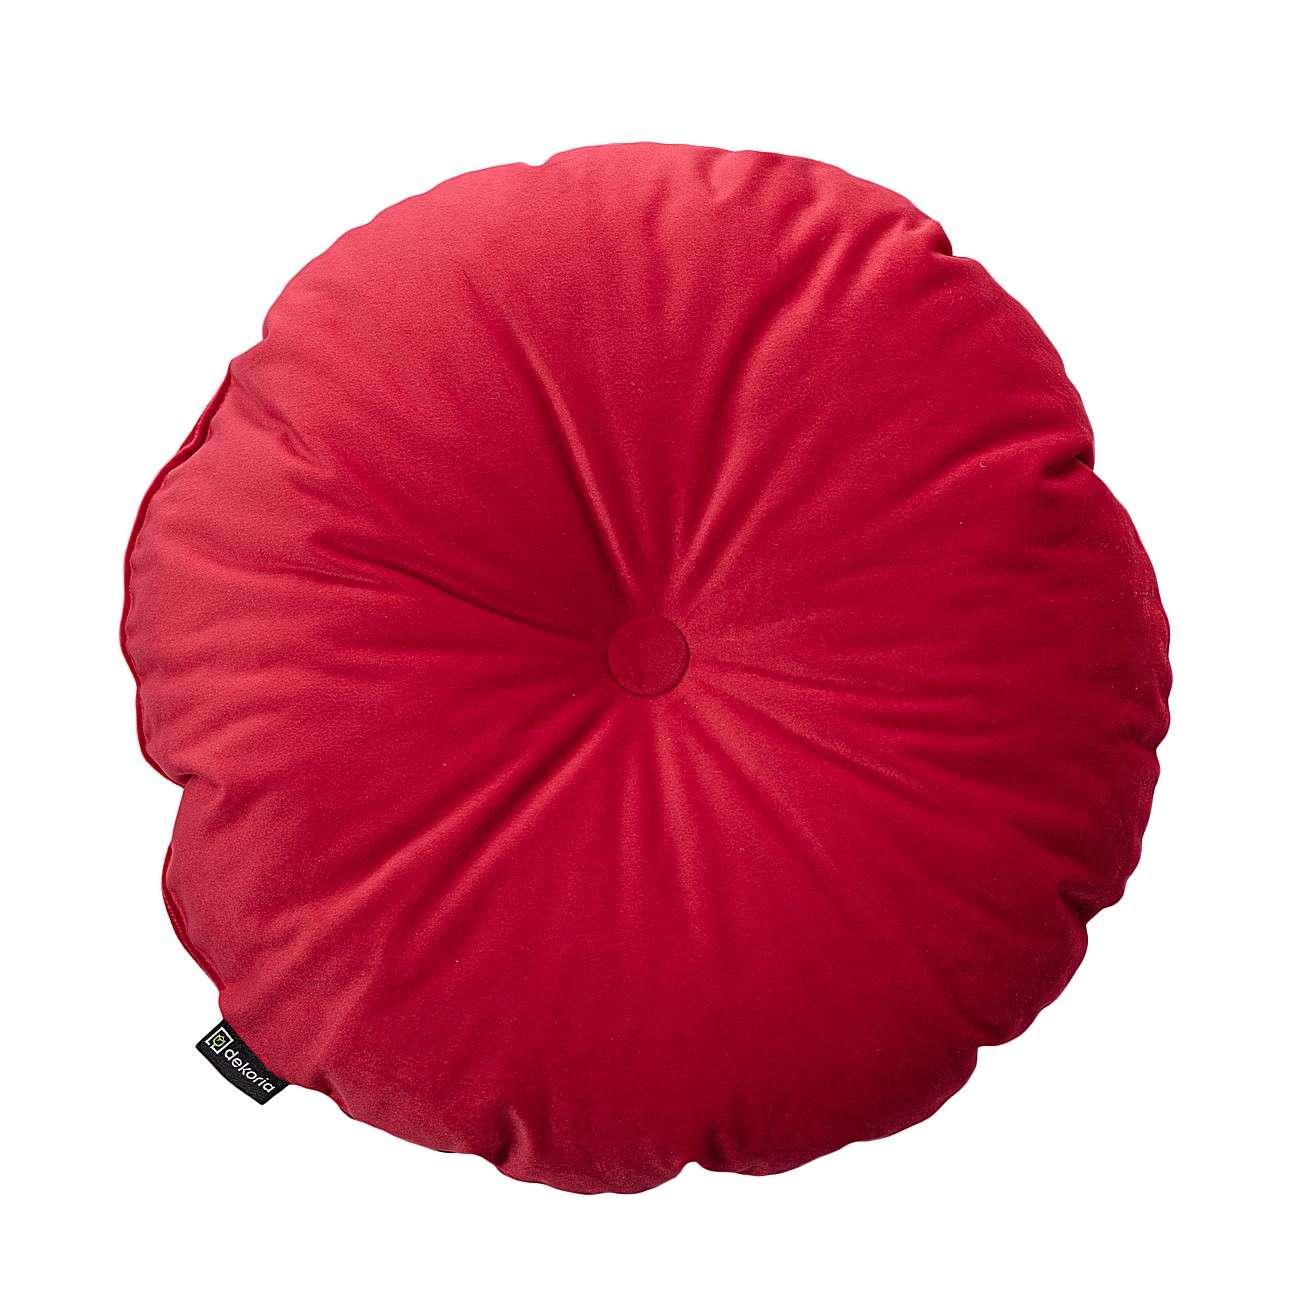 Poduszka okrągła Velvet z guzikiem w kolekcji Velvet, tkanina: 704-15